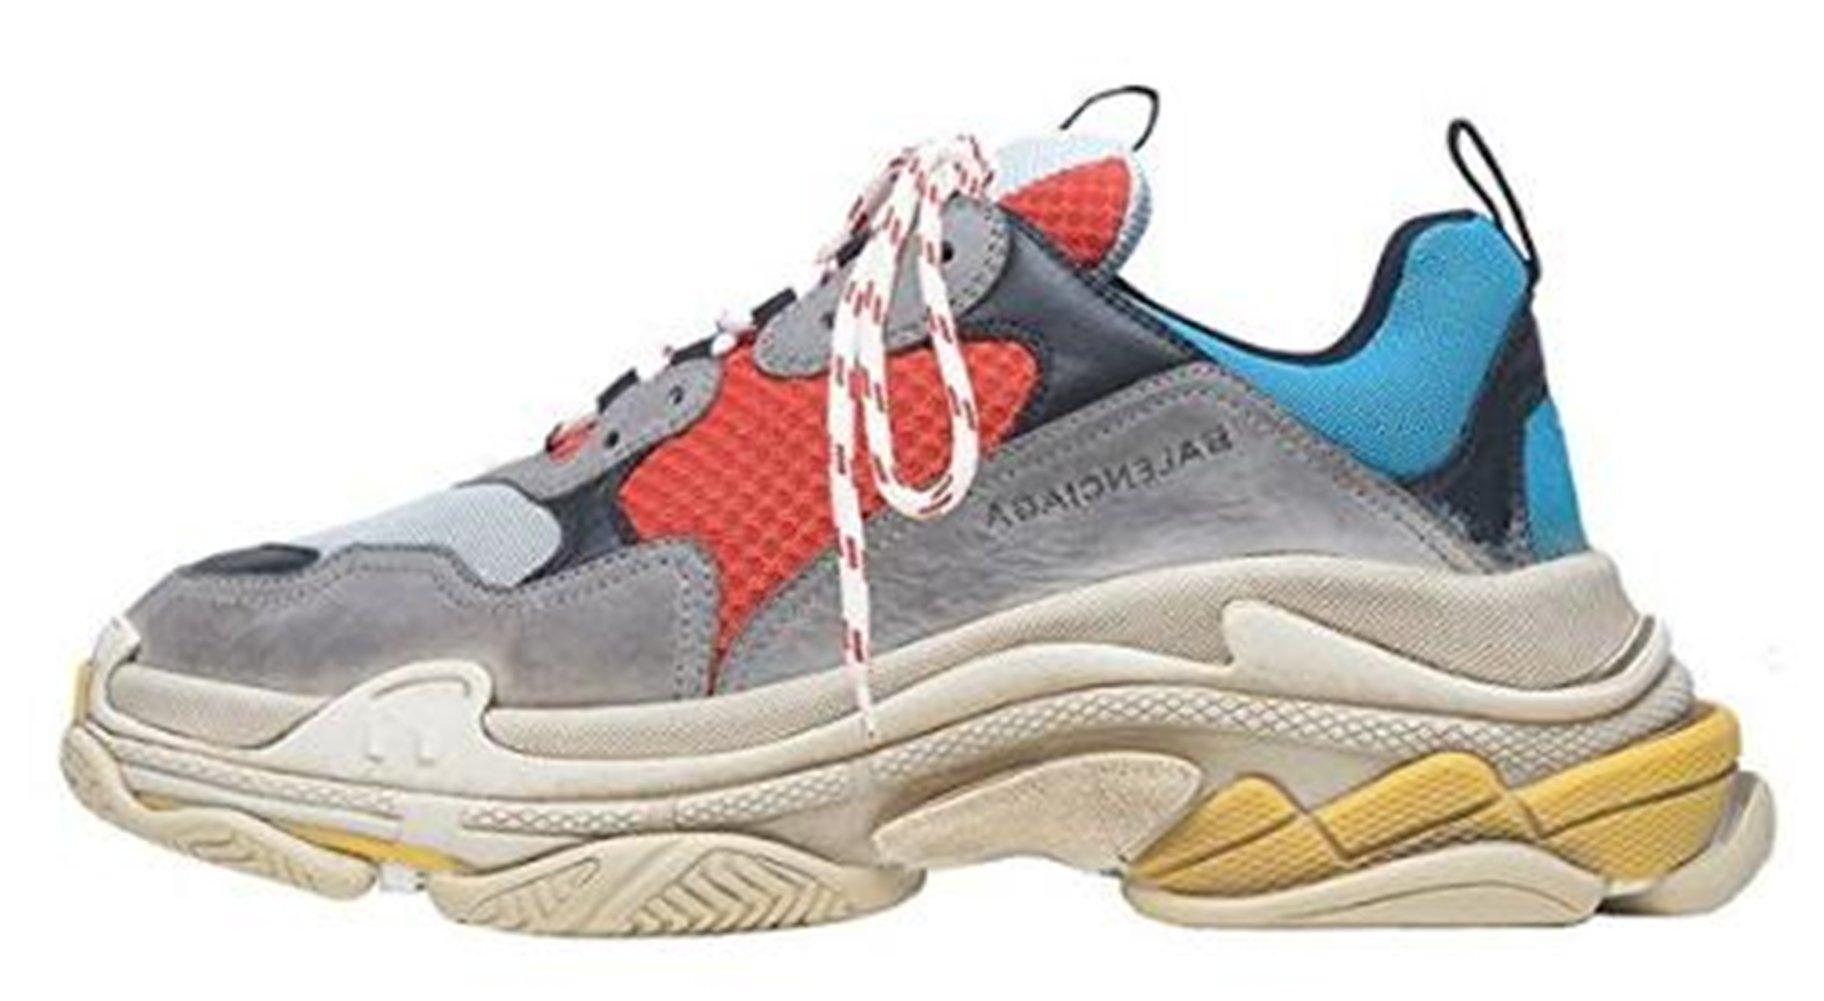 mens mizuno running shoes size 9.5 eu wow wow song 1960